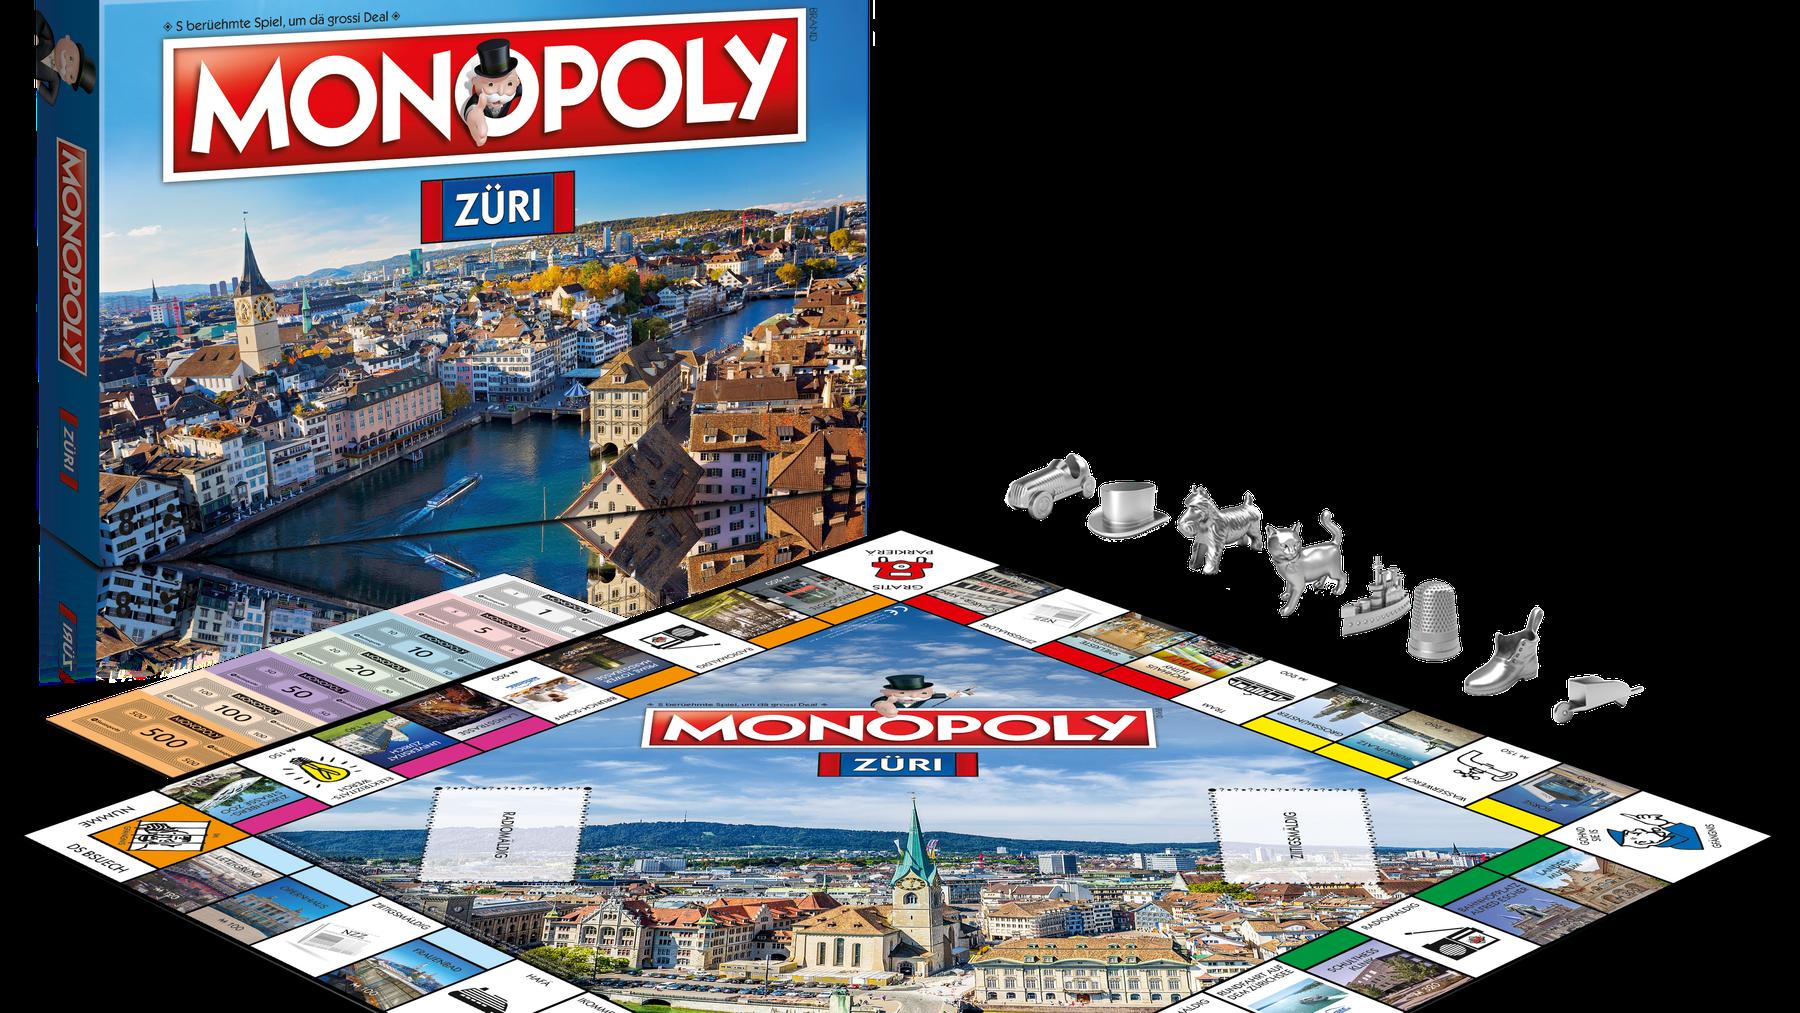 91129_Monopoly-Züri_Box-Gameboard